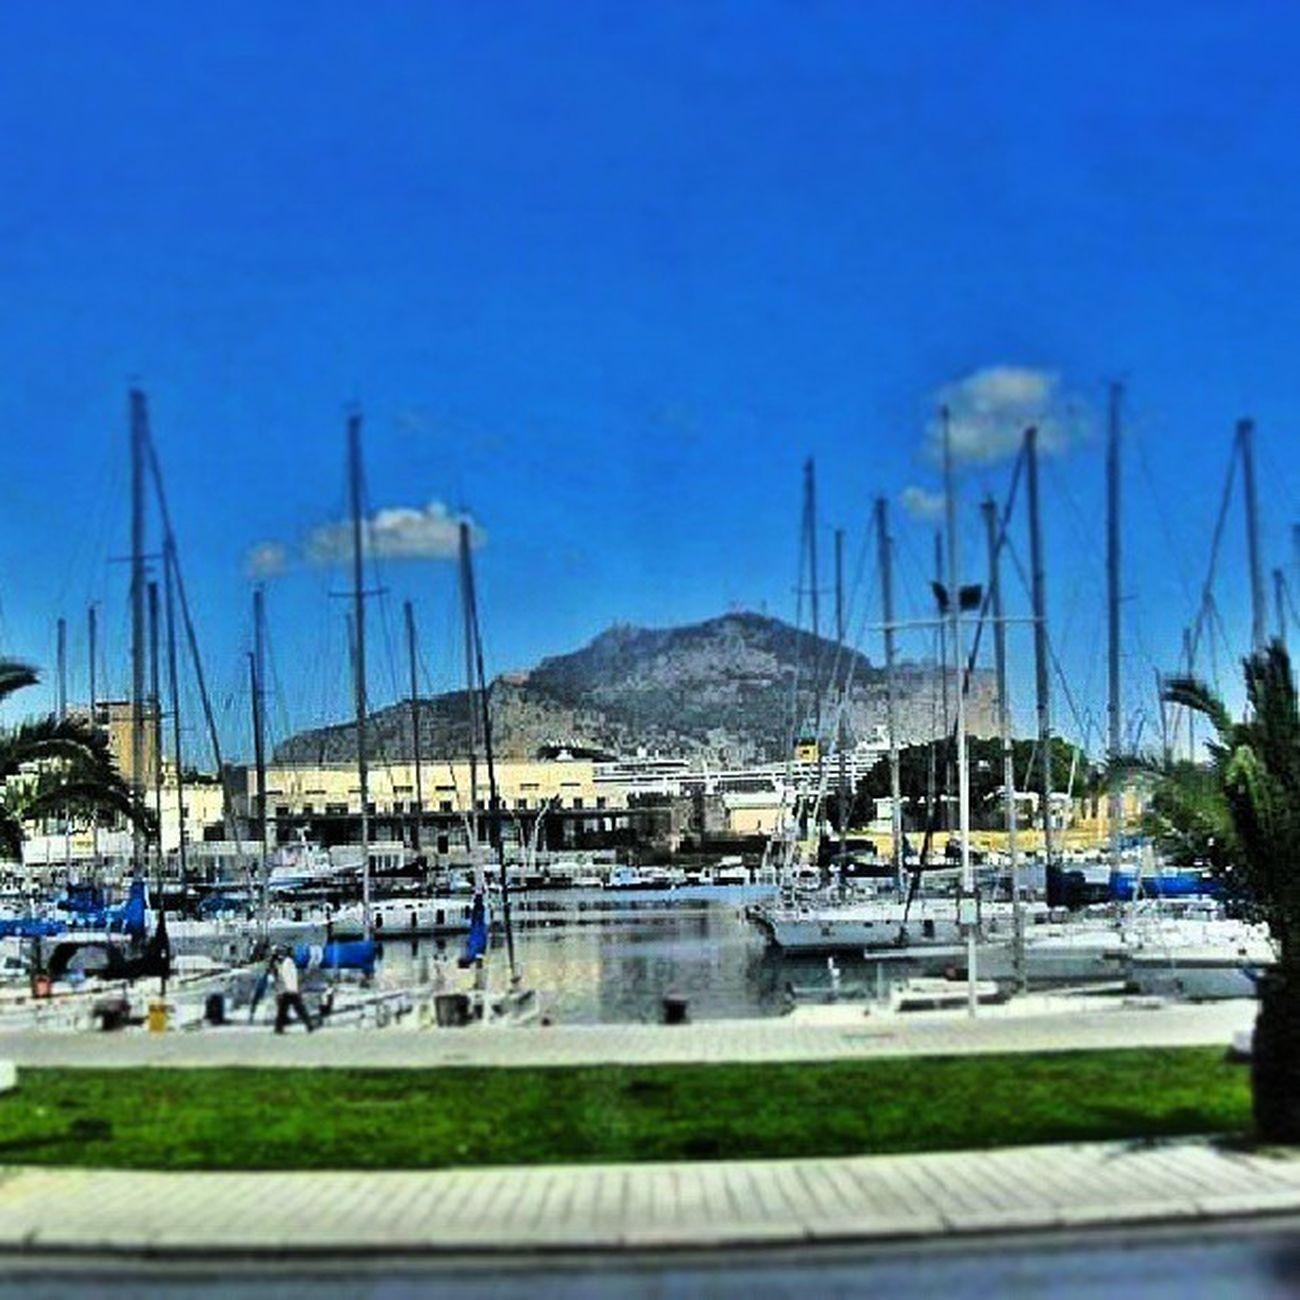 Sicilya Sicily Scilia Italya italy palermo seaside like4like tagsforlikes tagstagram tweegram webstagram